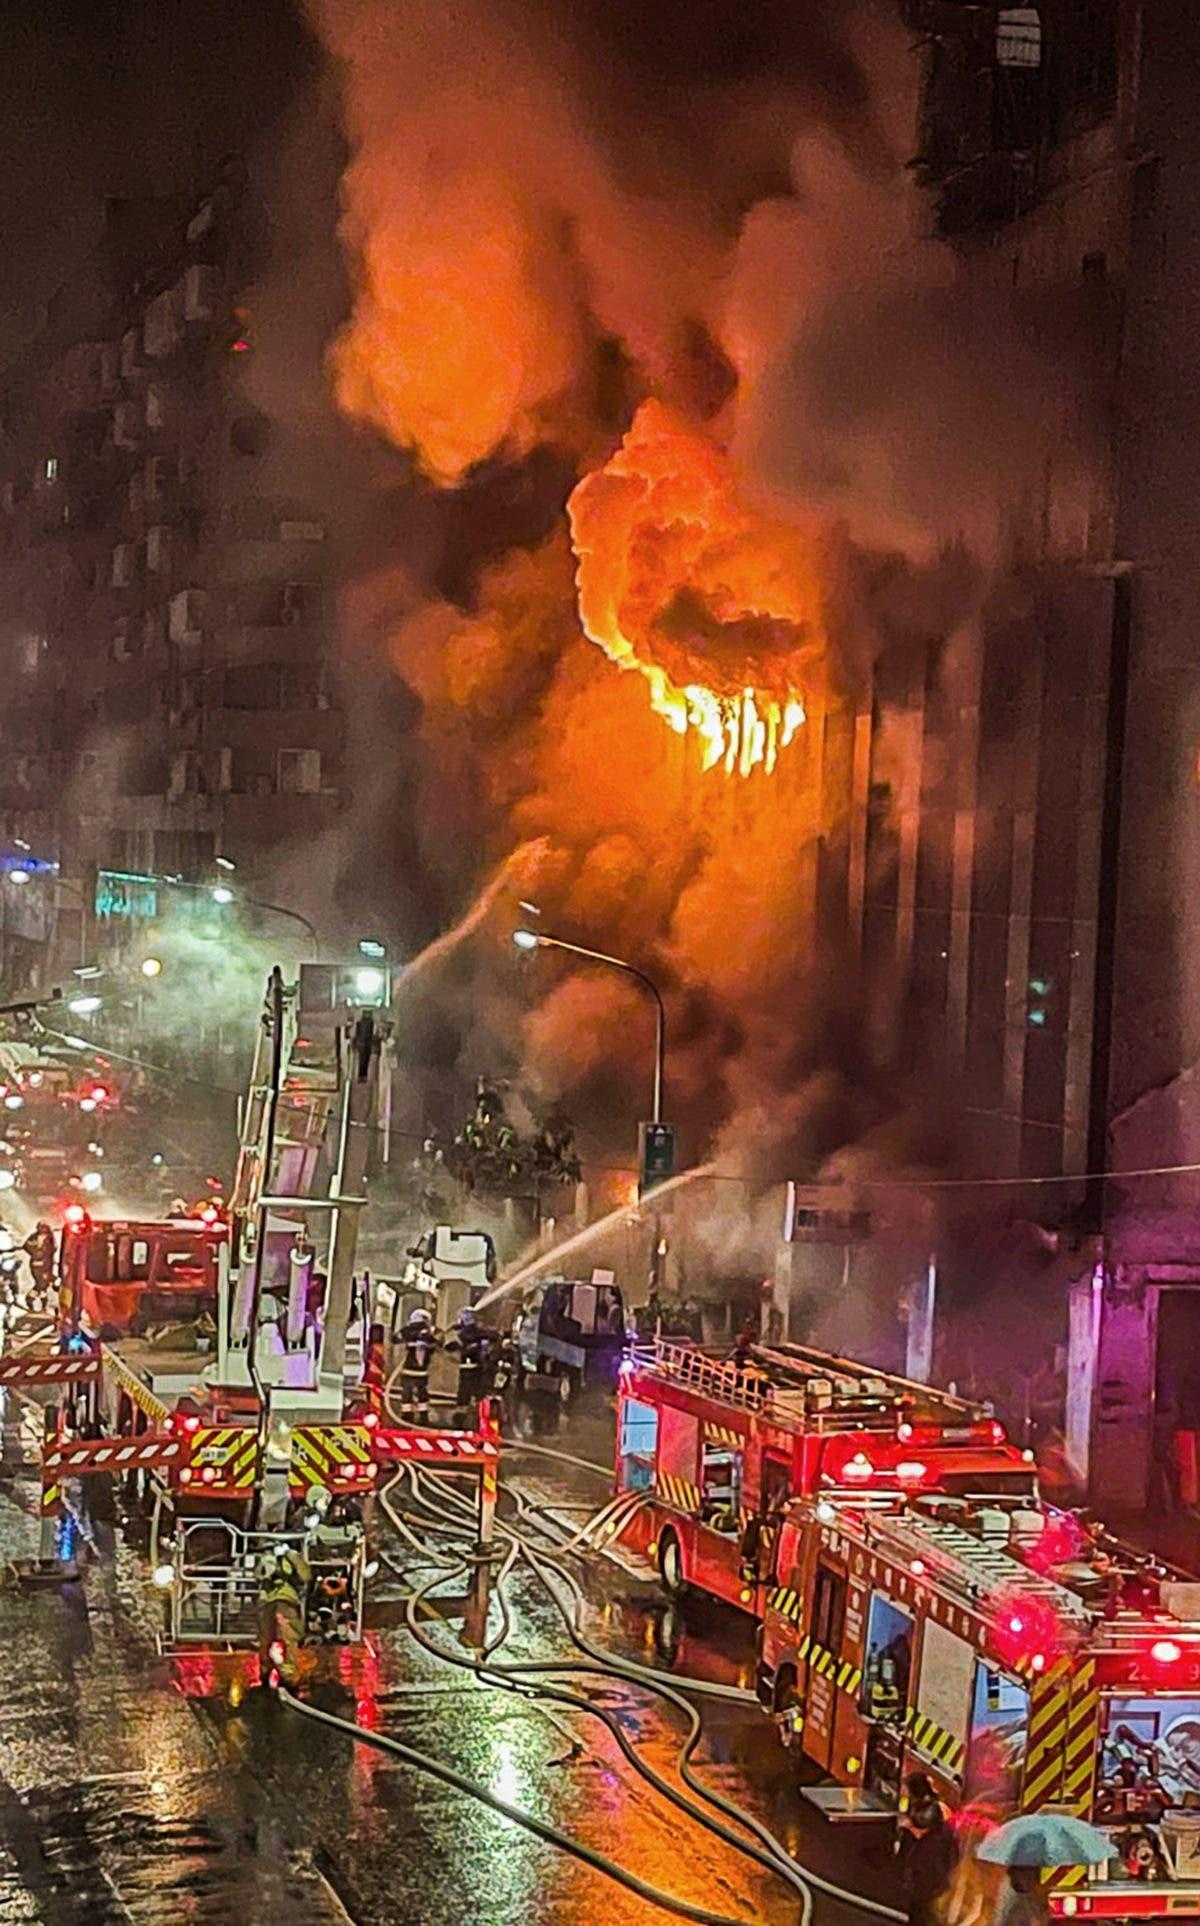 Taiwán: incendio deja al menos 46 muertos y decenas de heridos